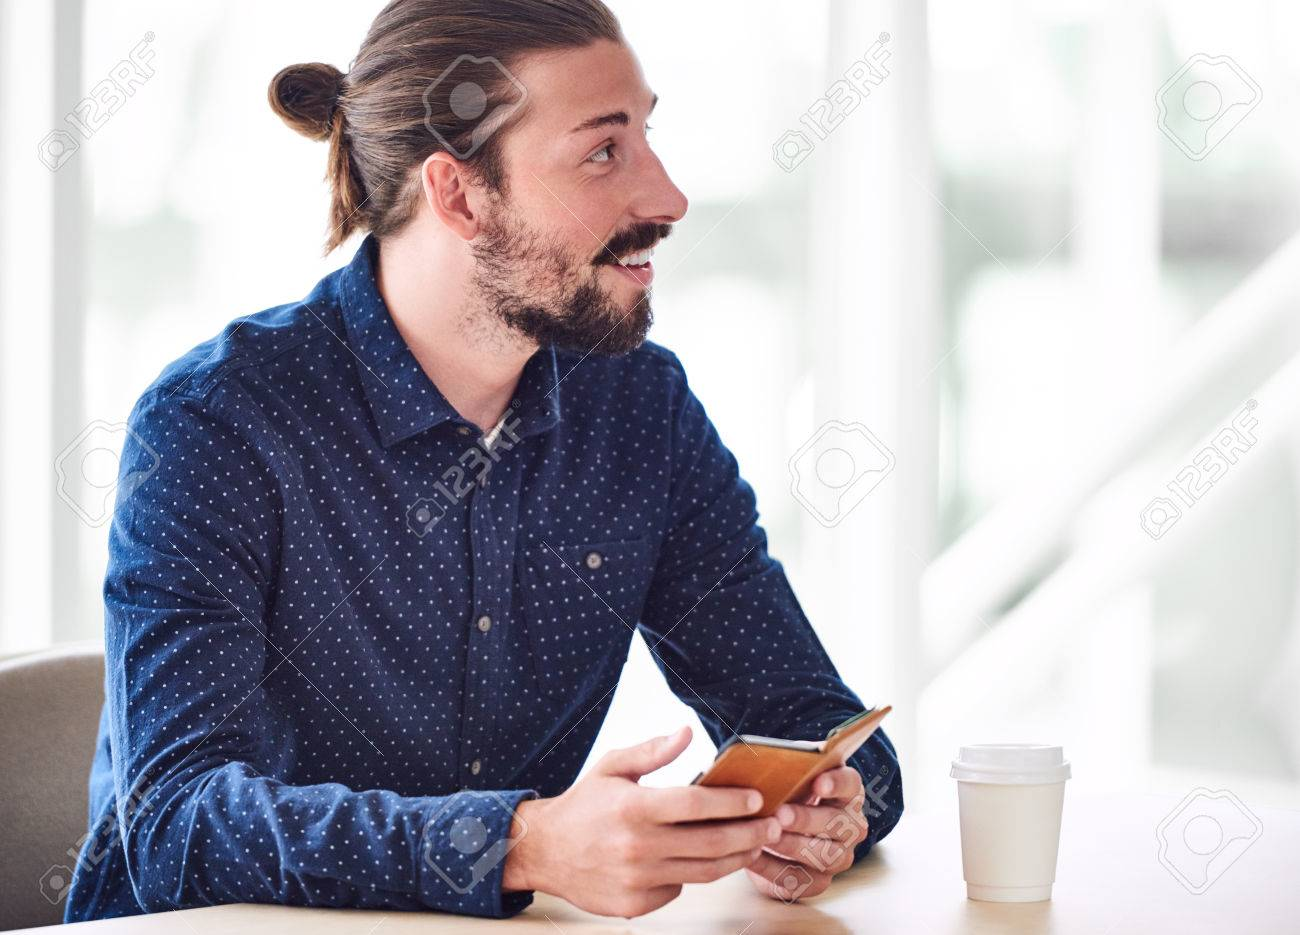 Jeune homme caucasien tendance aux cheveux longs attachés en chignon, à la  recherche hors caméra tout en maintenant un téléphone dans ses mains avec